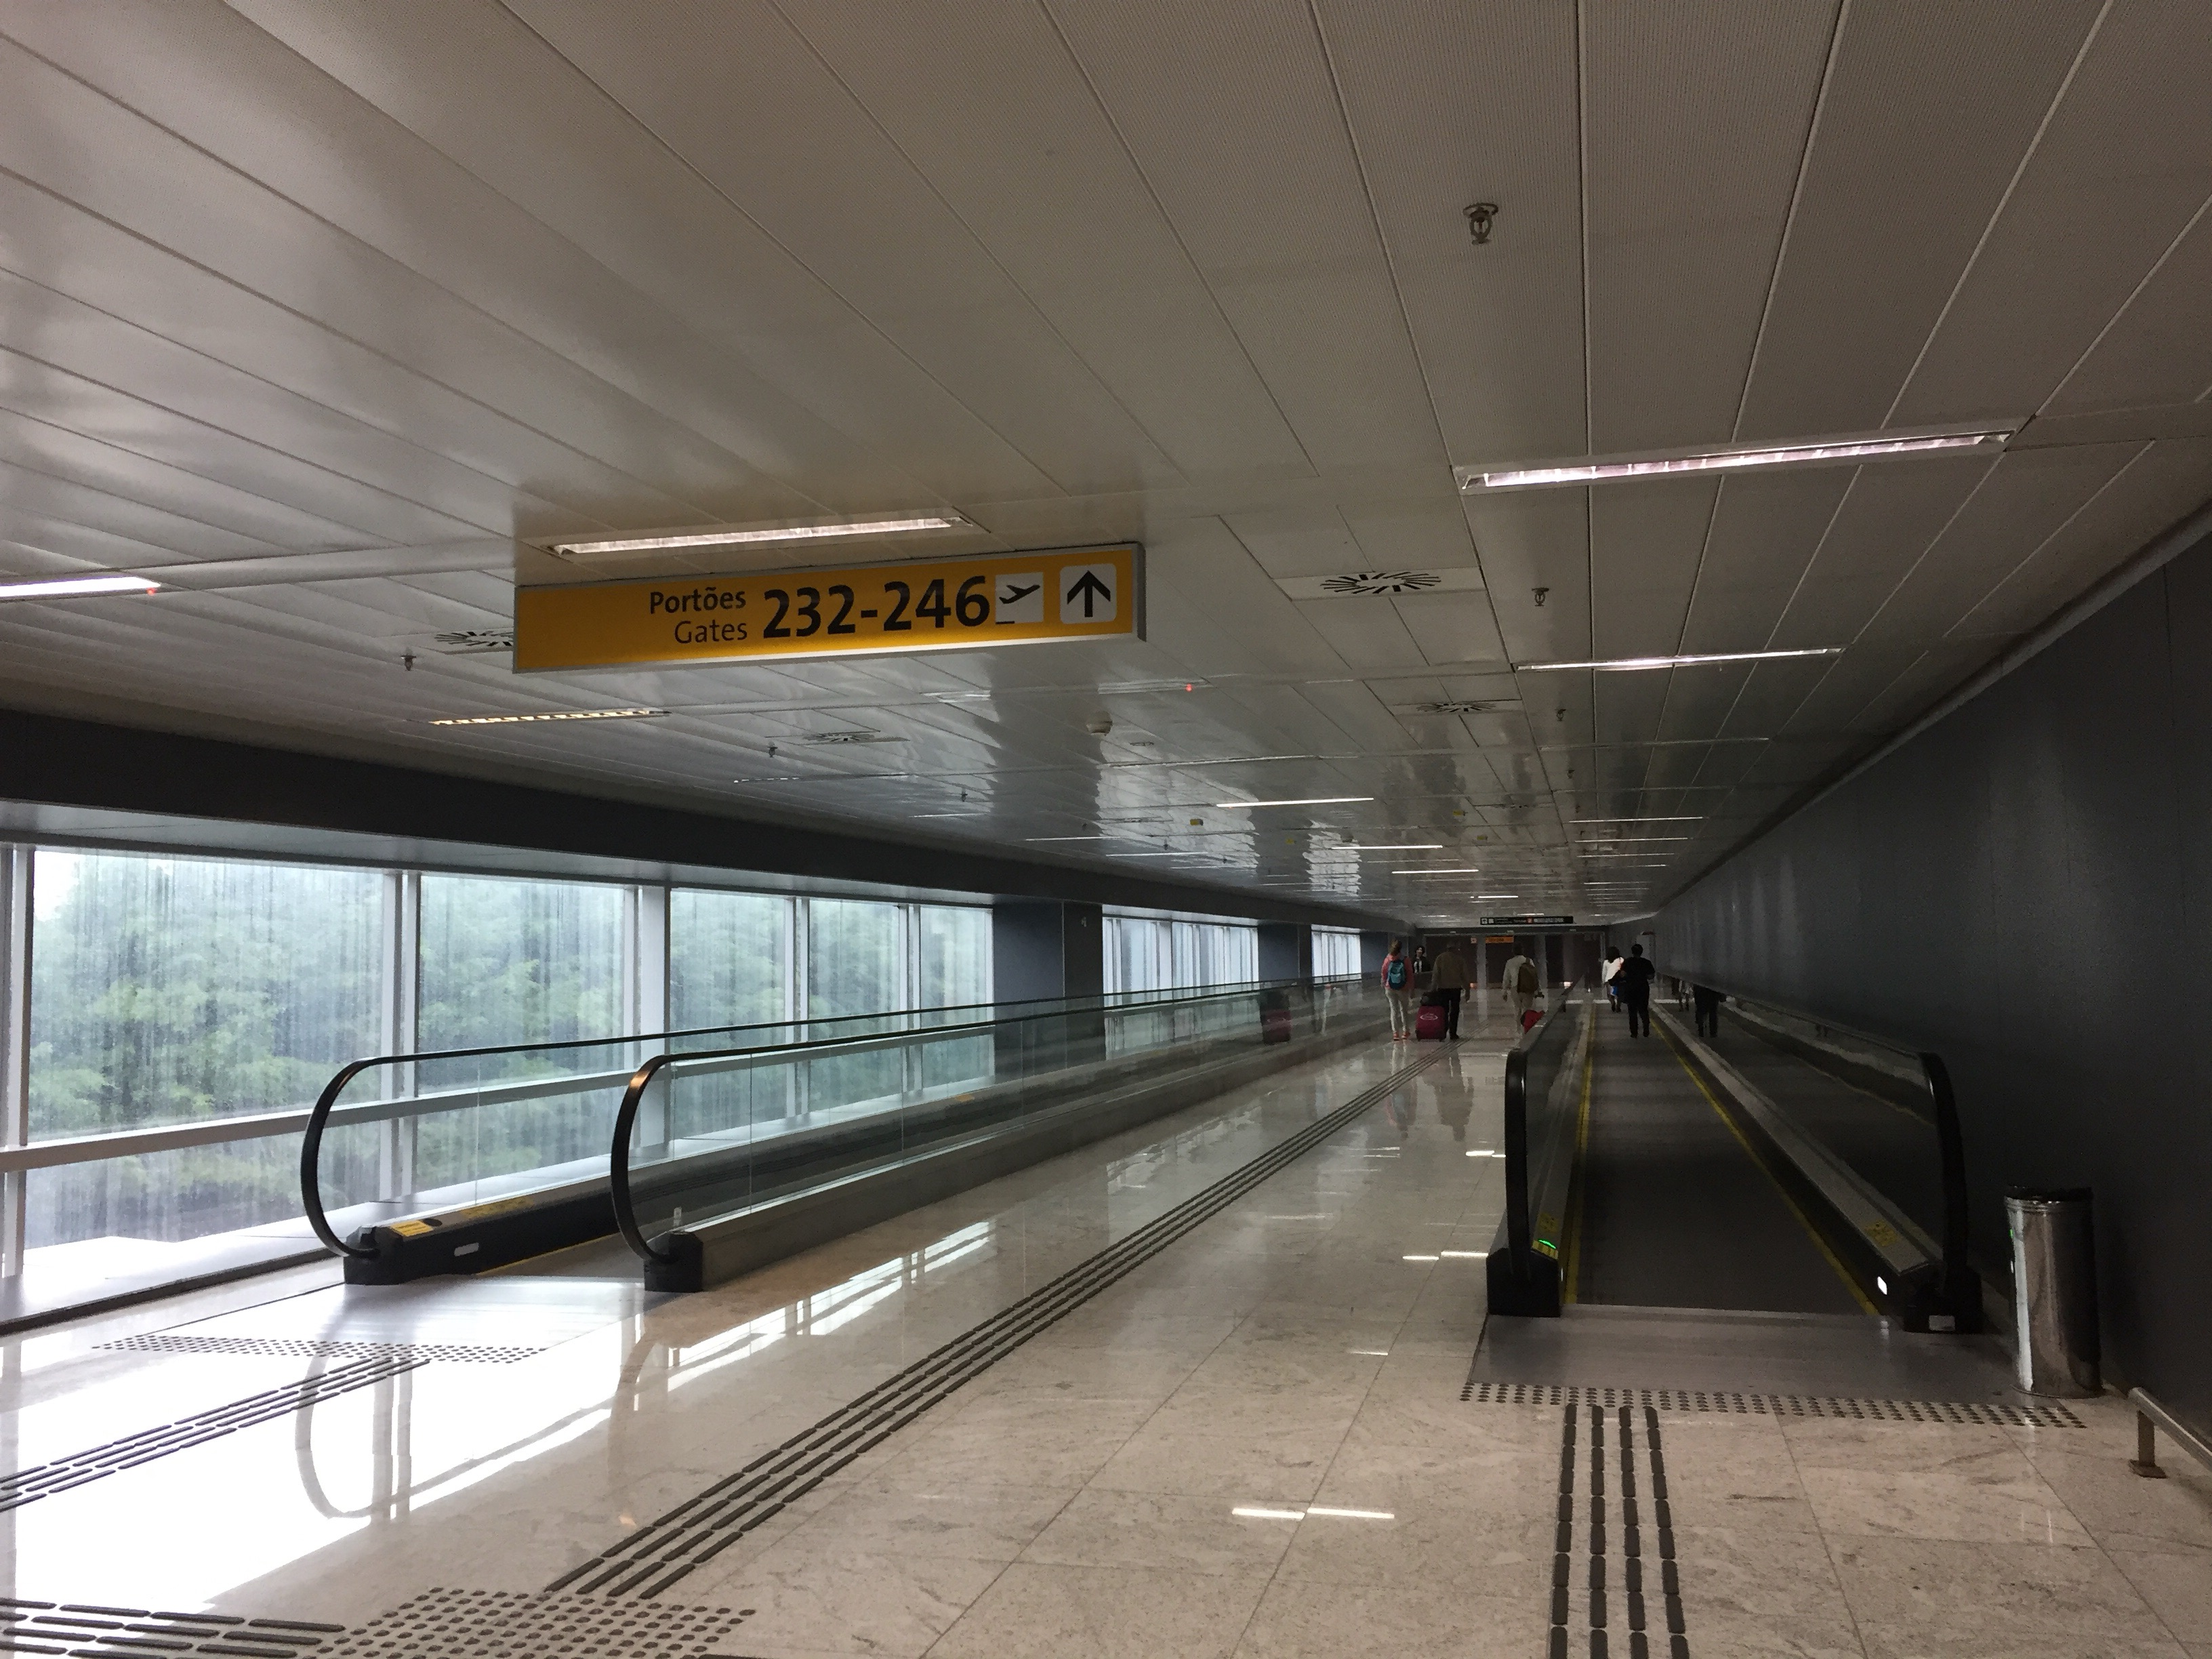 img 9597 1 - Cambio de Terminales en Guarulhos (San Pablo) para los vuelos regionales y sus caóticas consecuencias